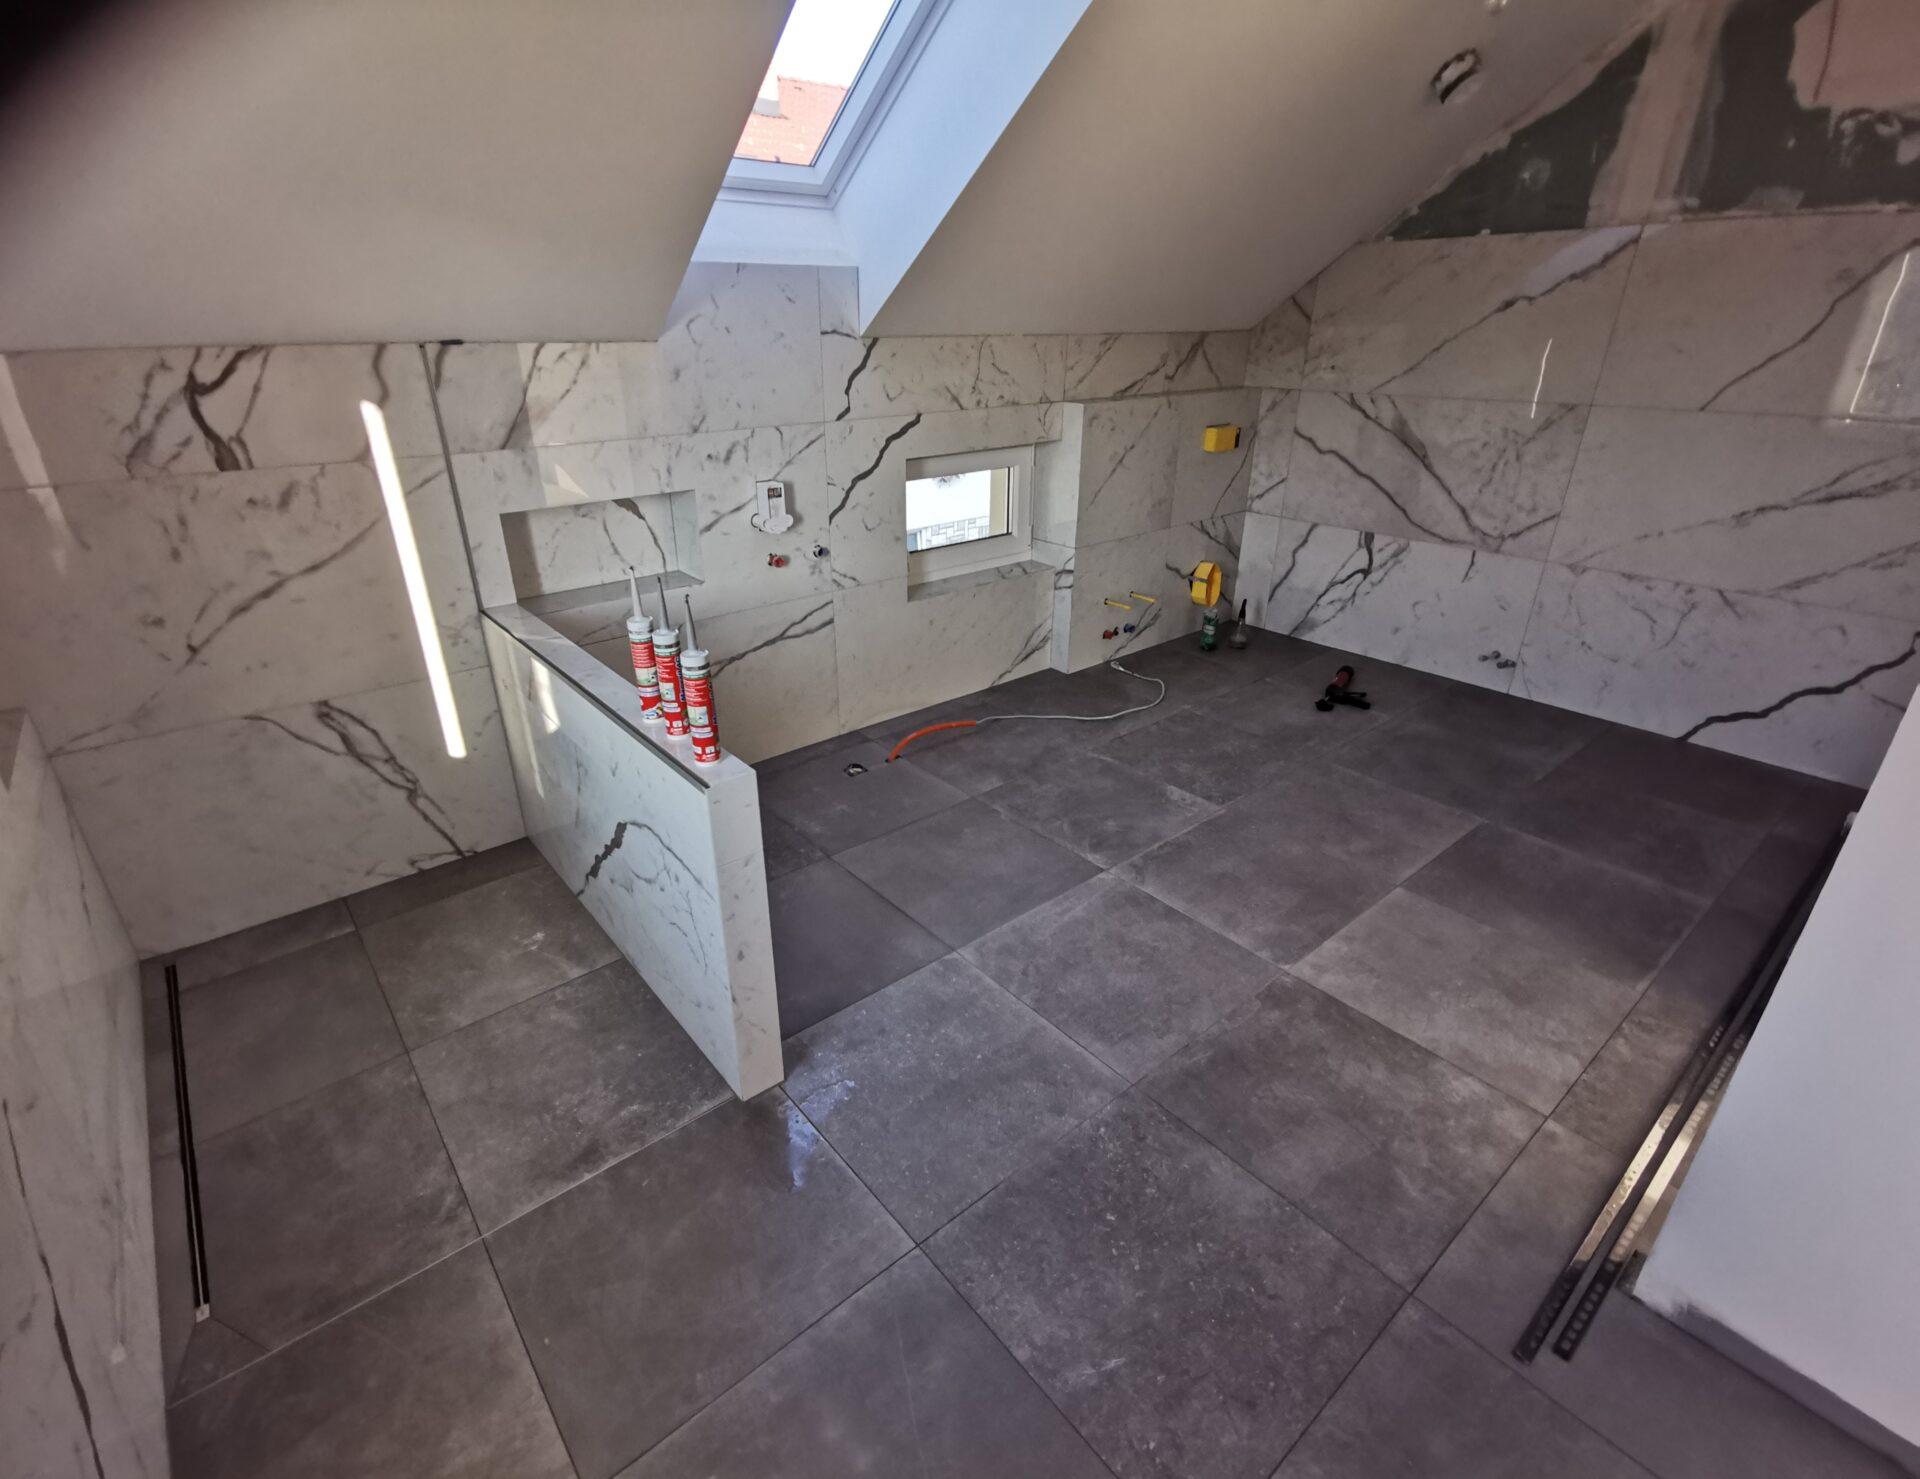 Polaganje keramike v kopalnici na stene in tla 22